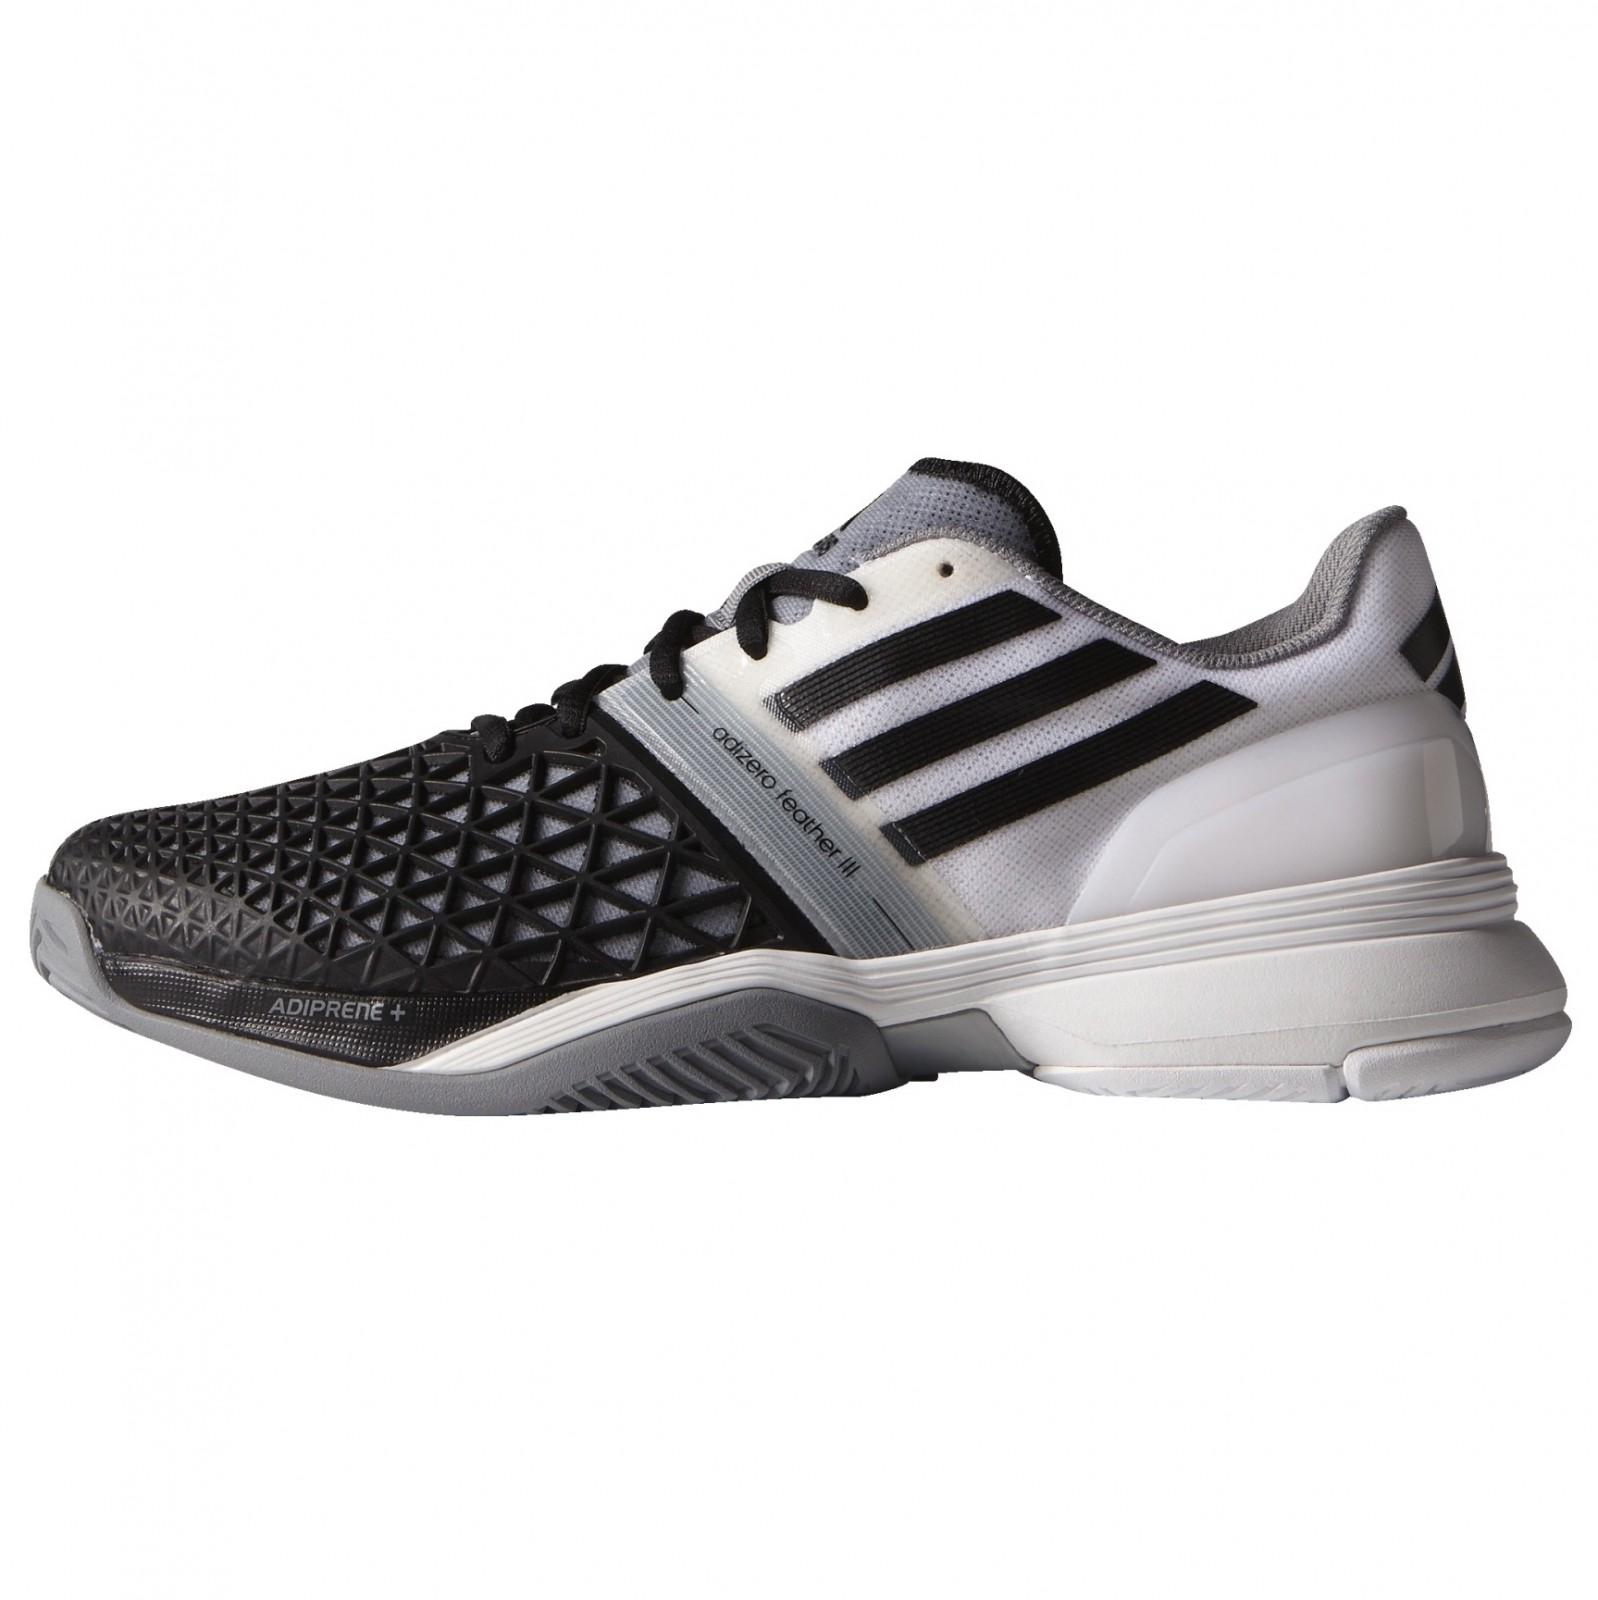 Pánské tenisové boty adidas CC adizero feather III  11566e0302